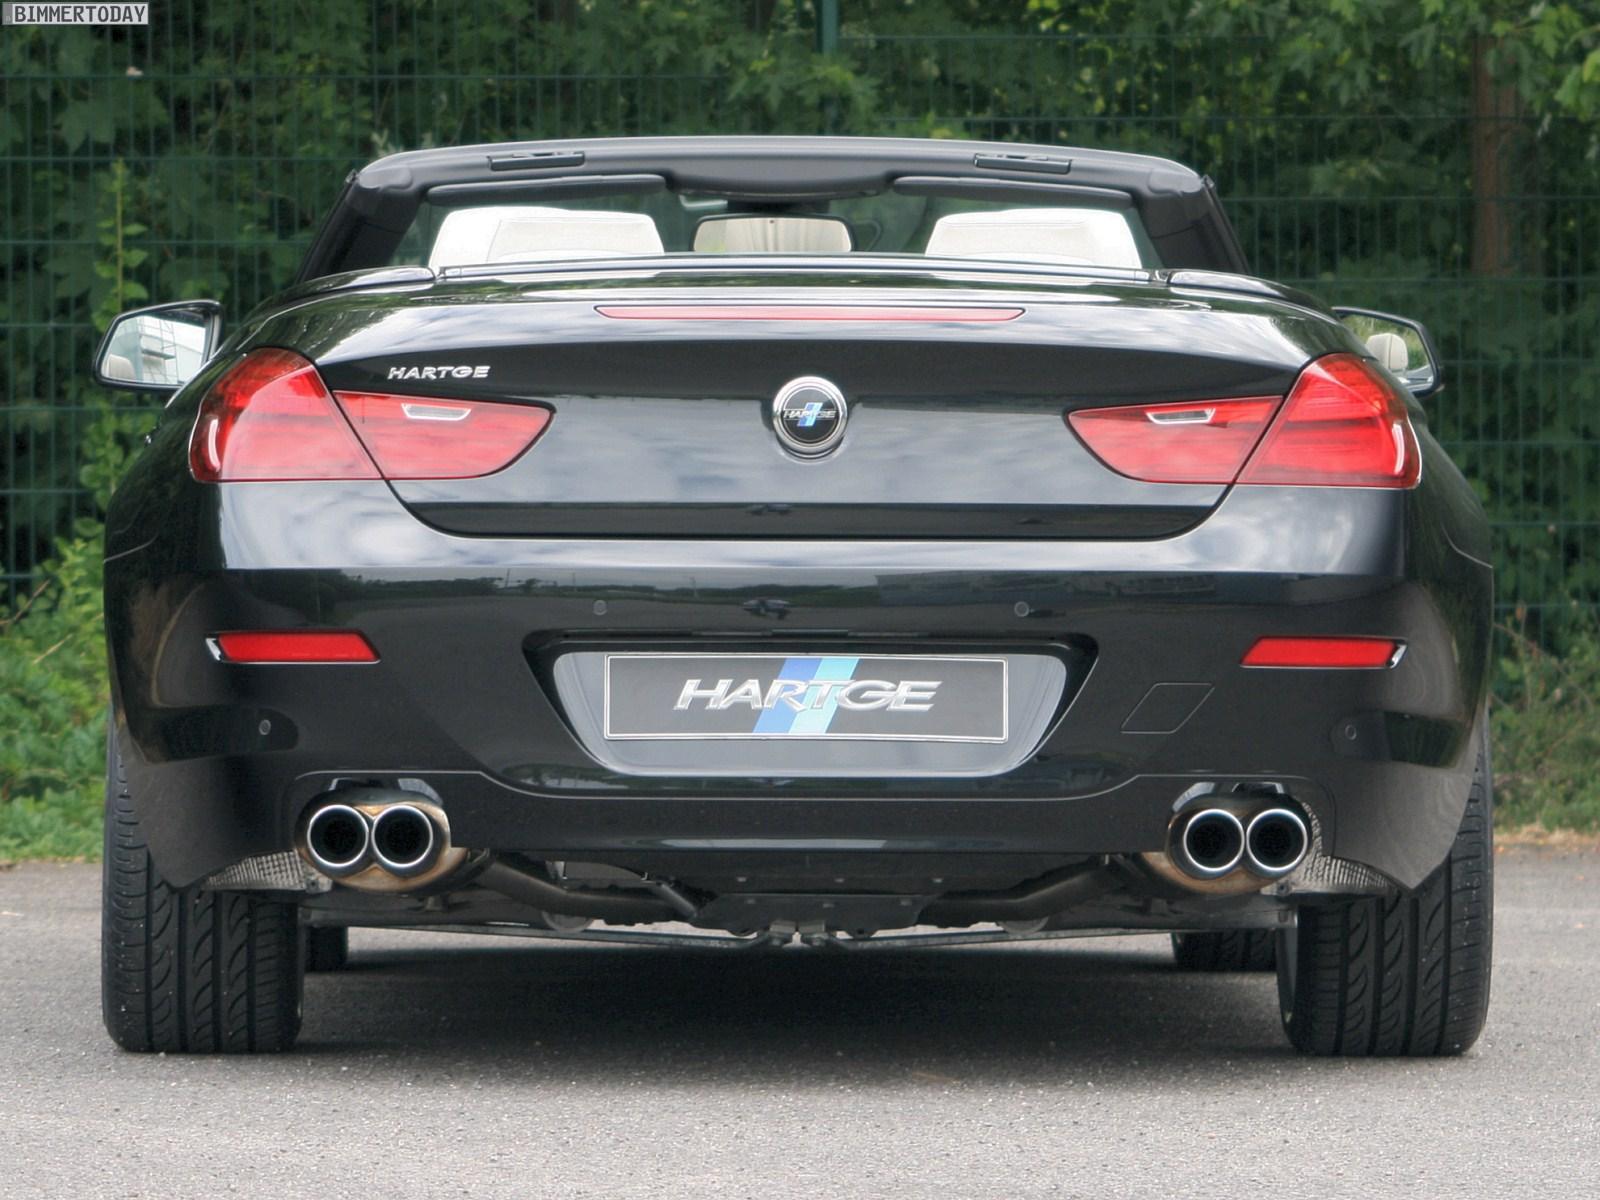 BMW-Seria-6-Cabrio-F12-Hartge-013